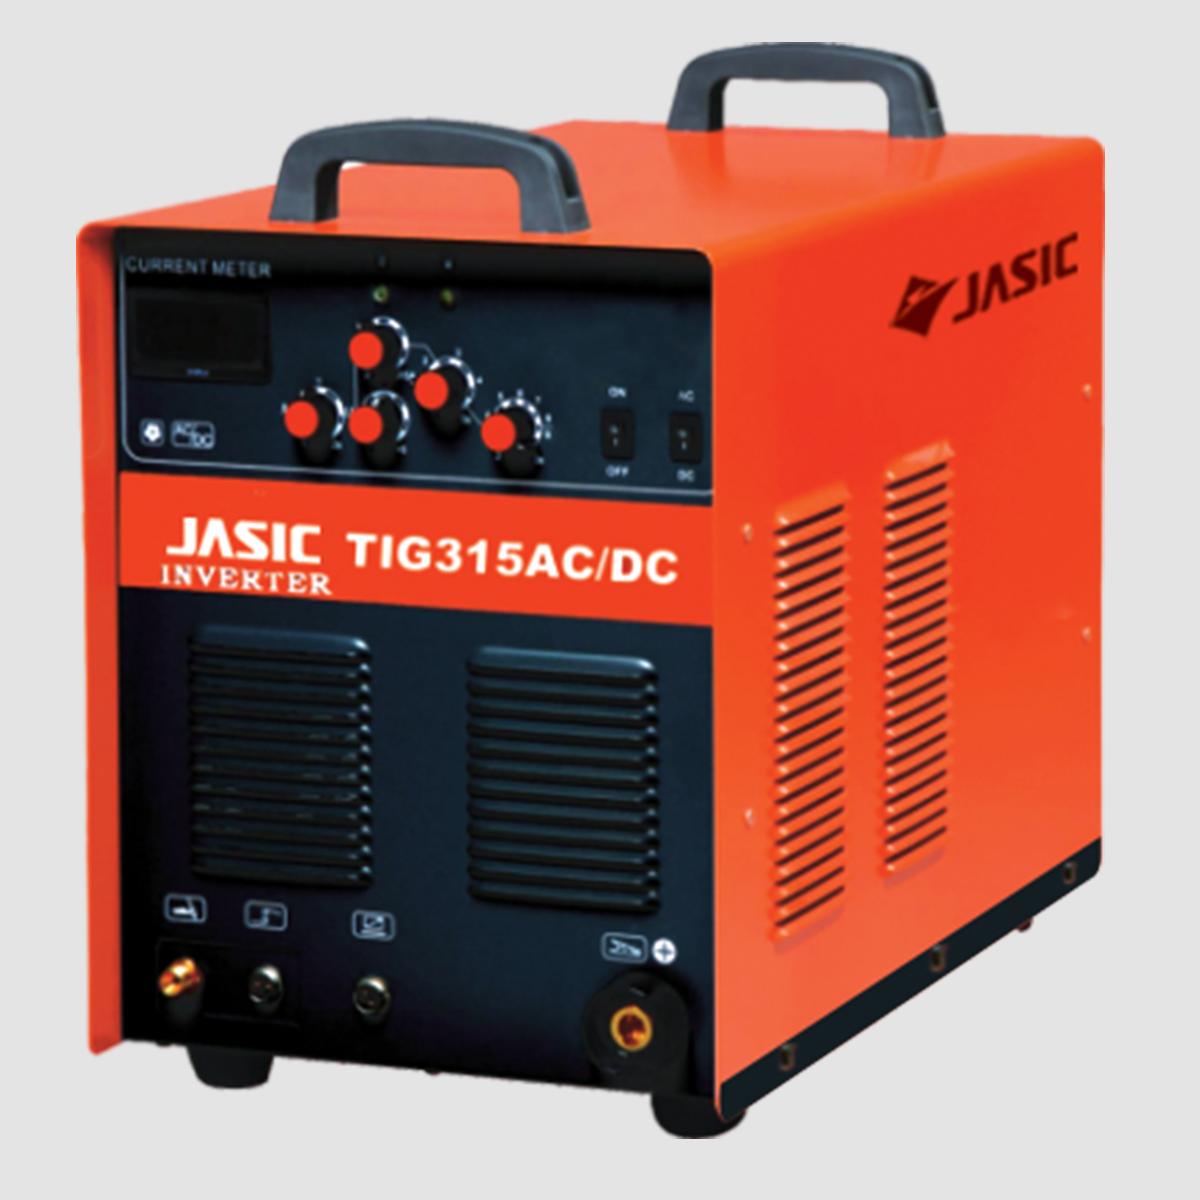 Máy hàn Tig 315AC/DC Jasic